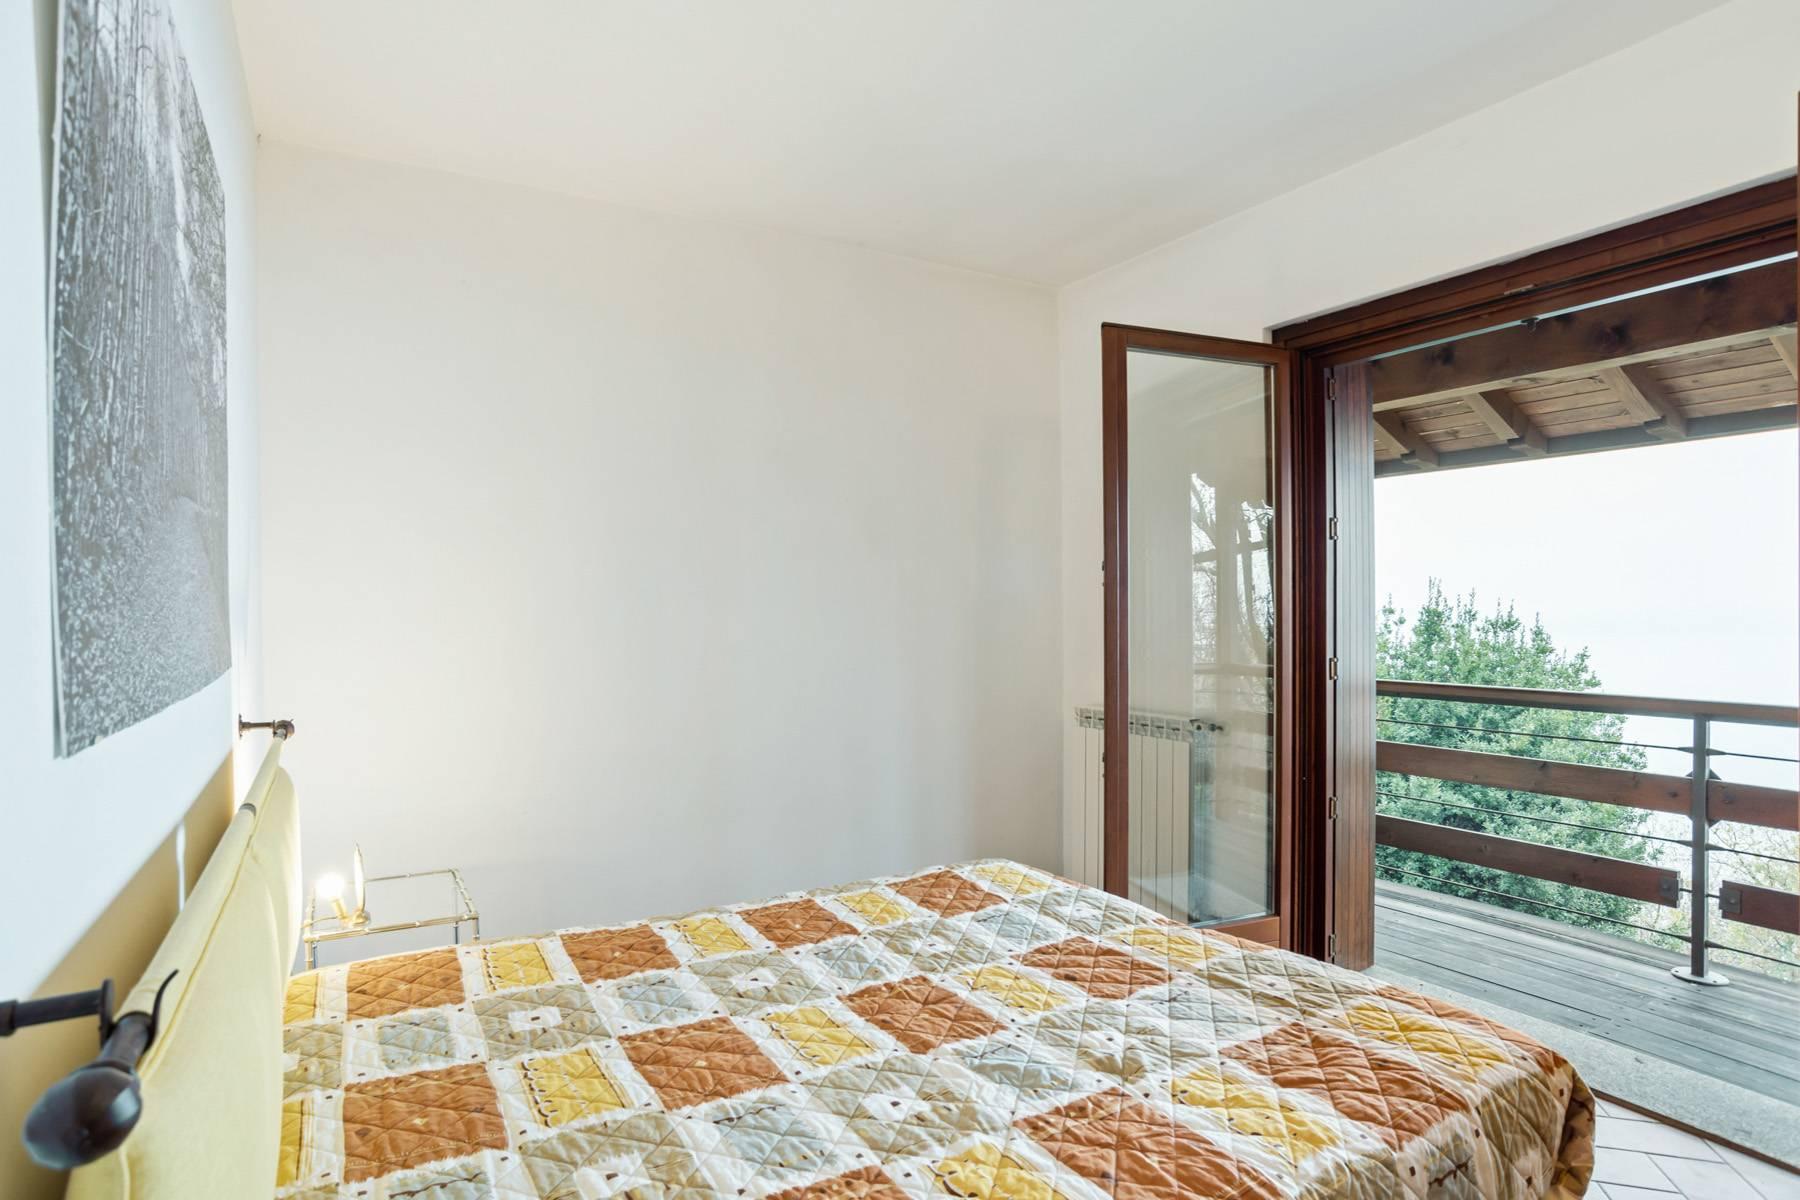 Villa in Vendita a Massino Visconti: 5 locali, 200 mq - Foto 18